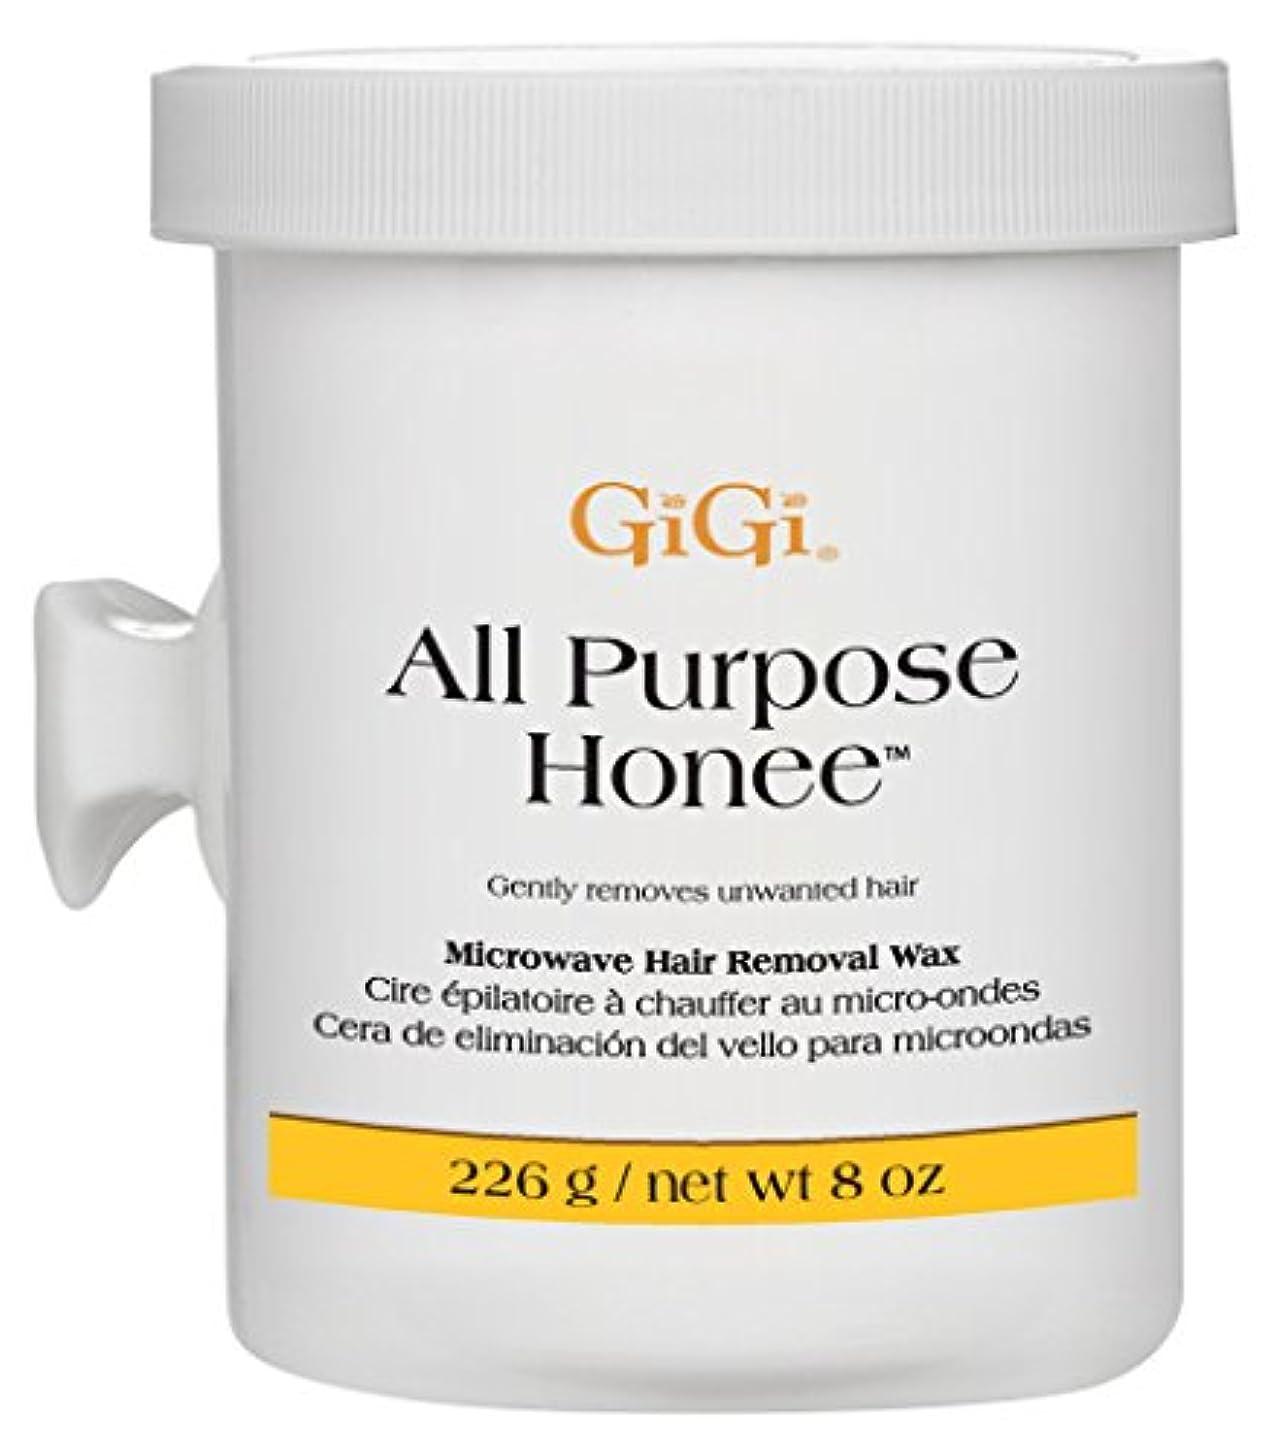 に対して圧縮するランドリー(3 Pack) GIGI All Purpose Honee Microwave - GG0365 (並行輸入品)